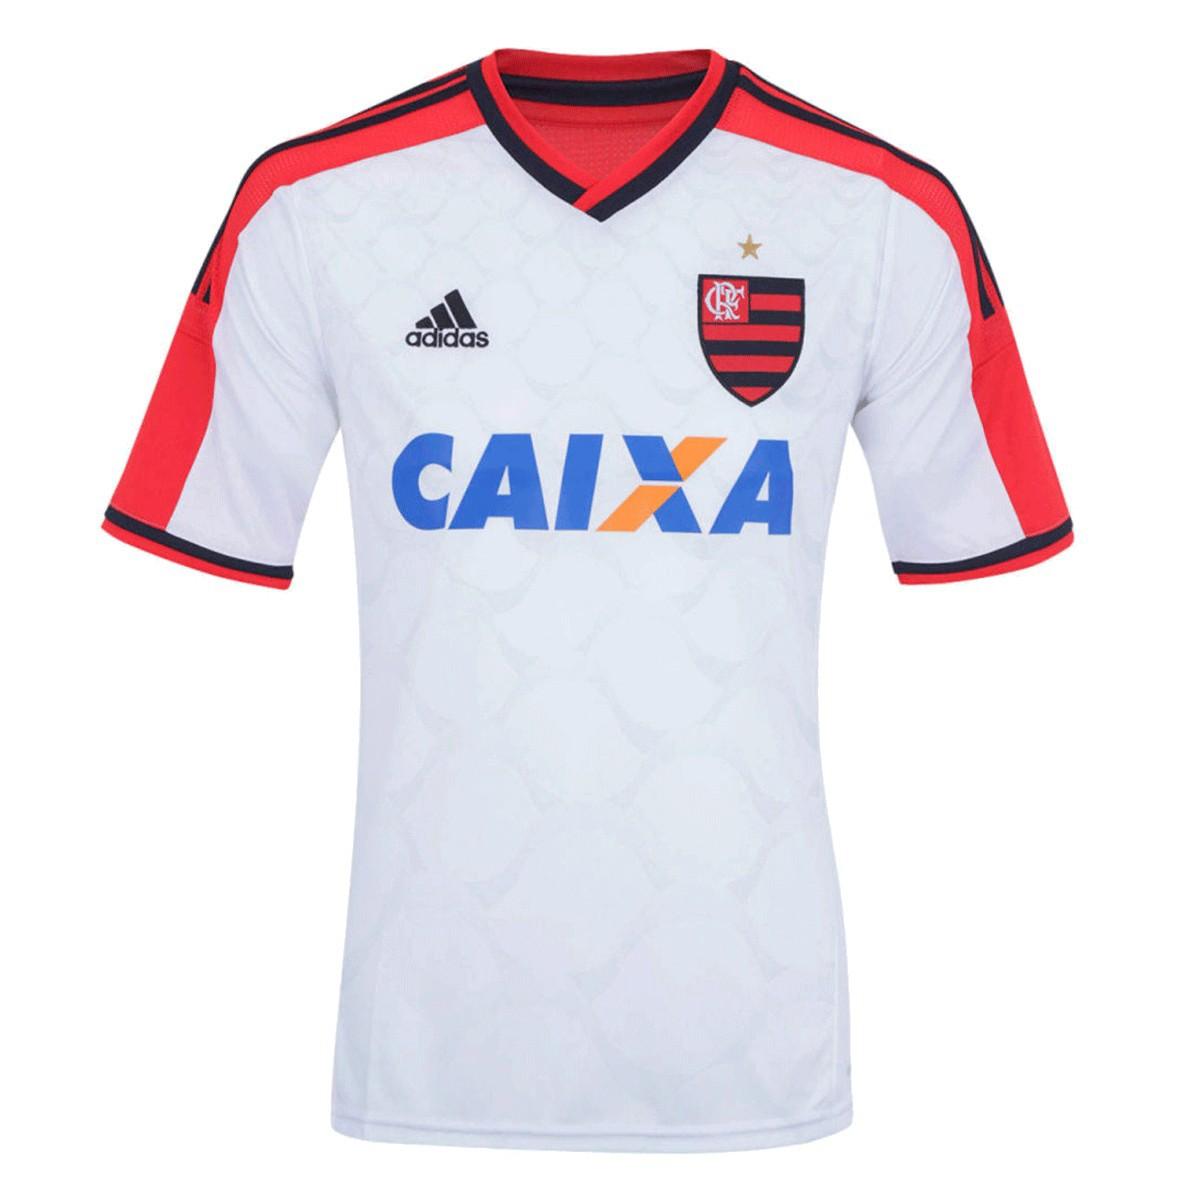 Camisa Flamengo Adidas Away Infantil 2014